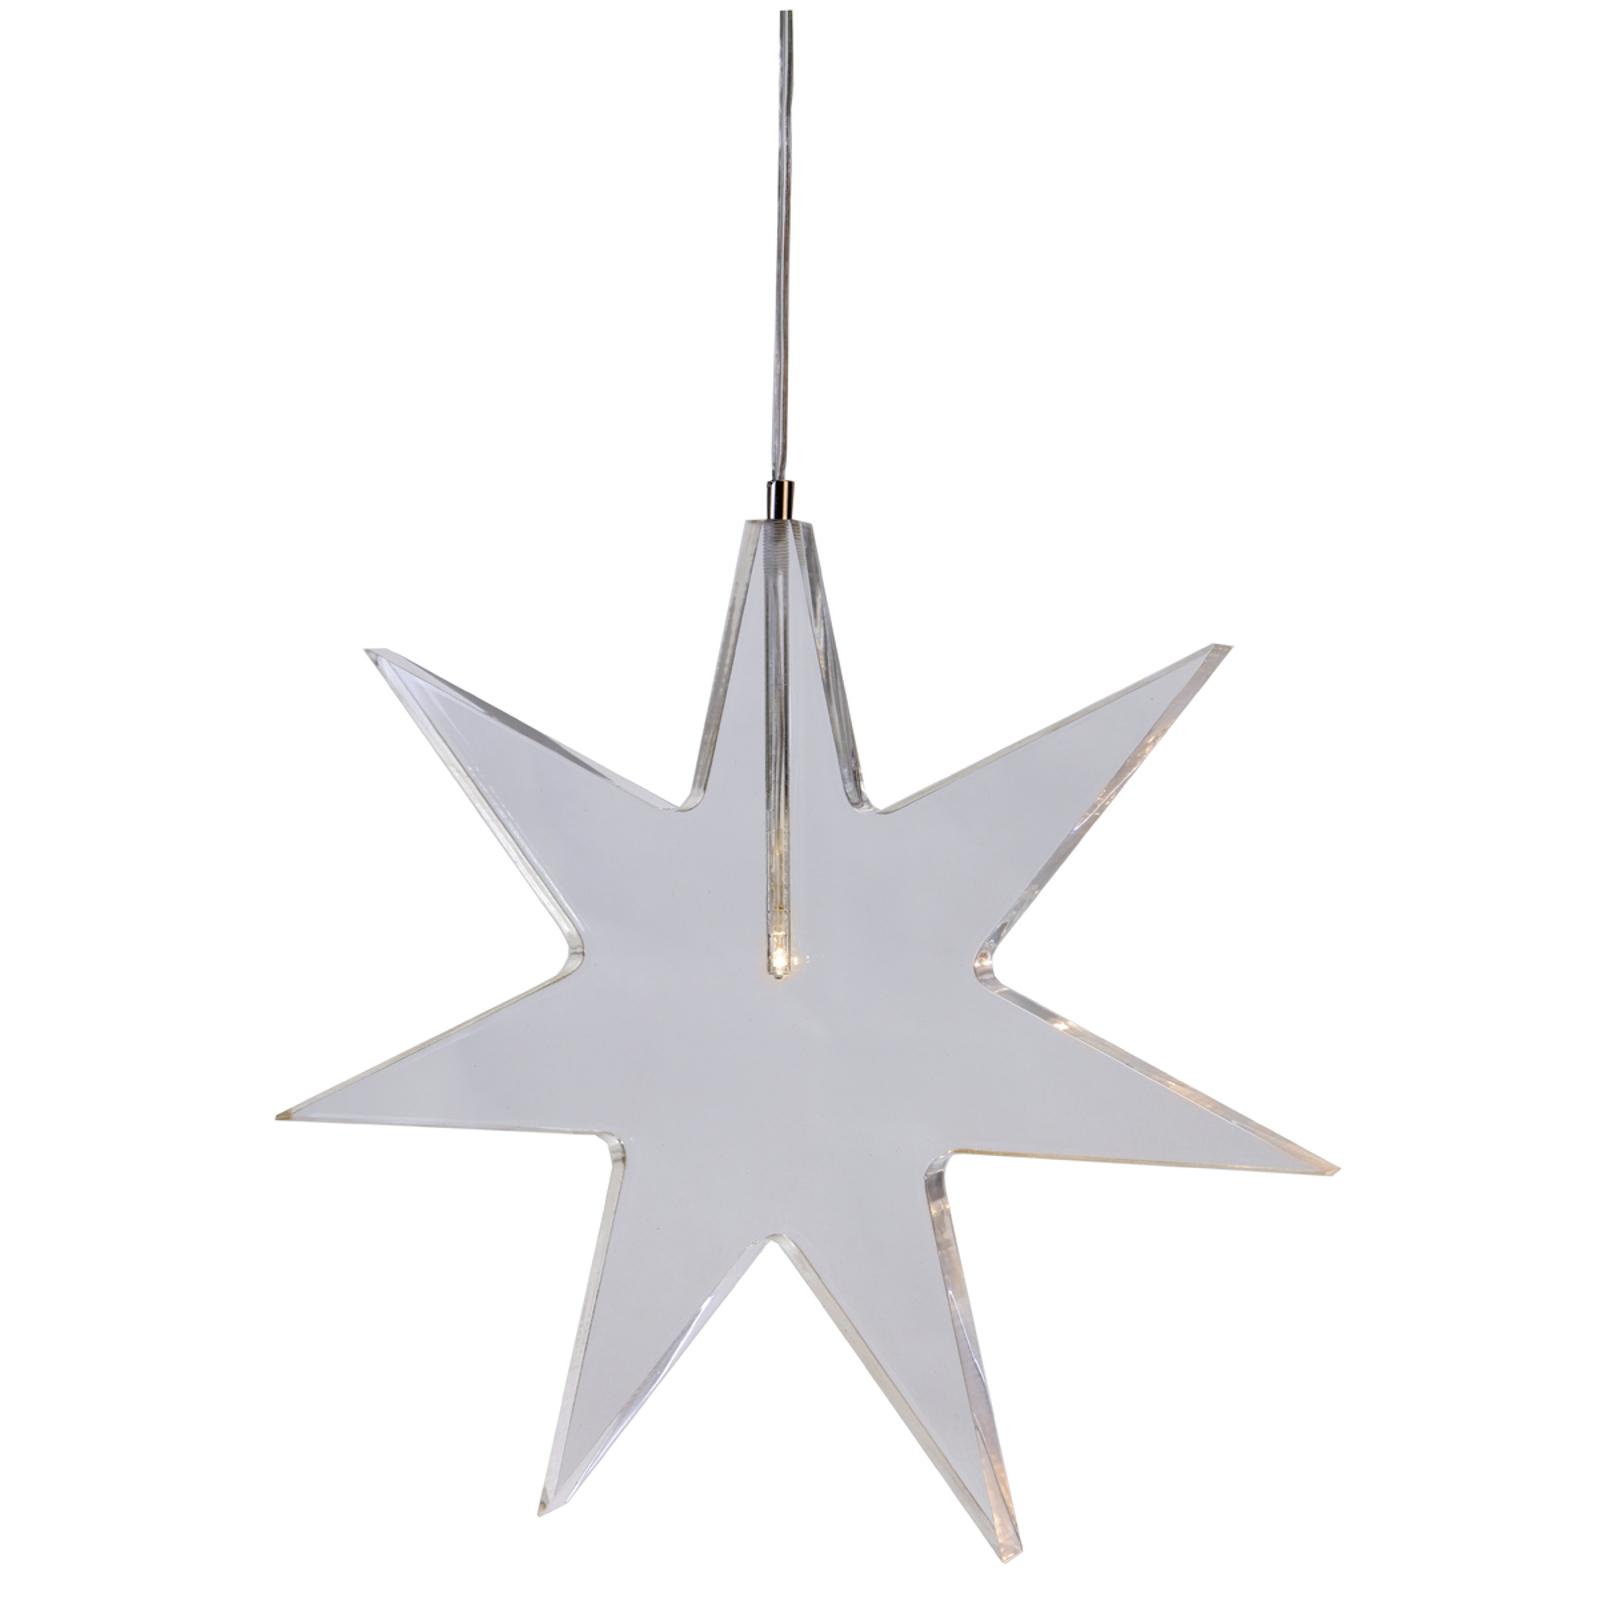 Transparent stjerne - dekorasjonslampen Karla